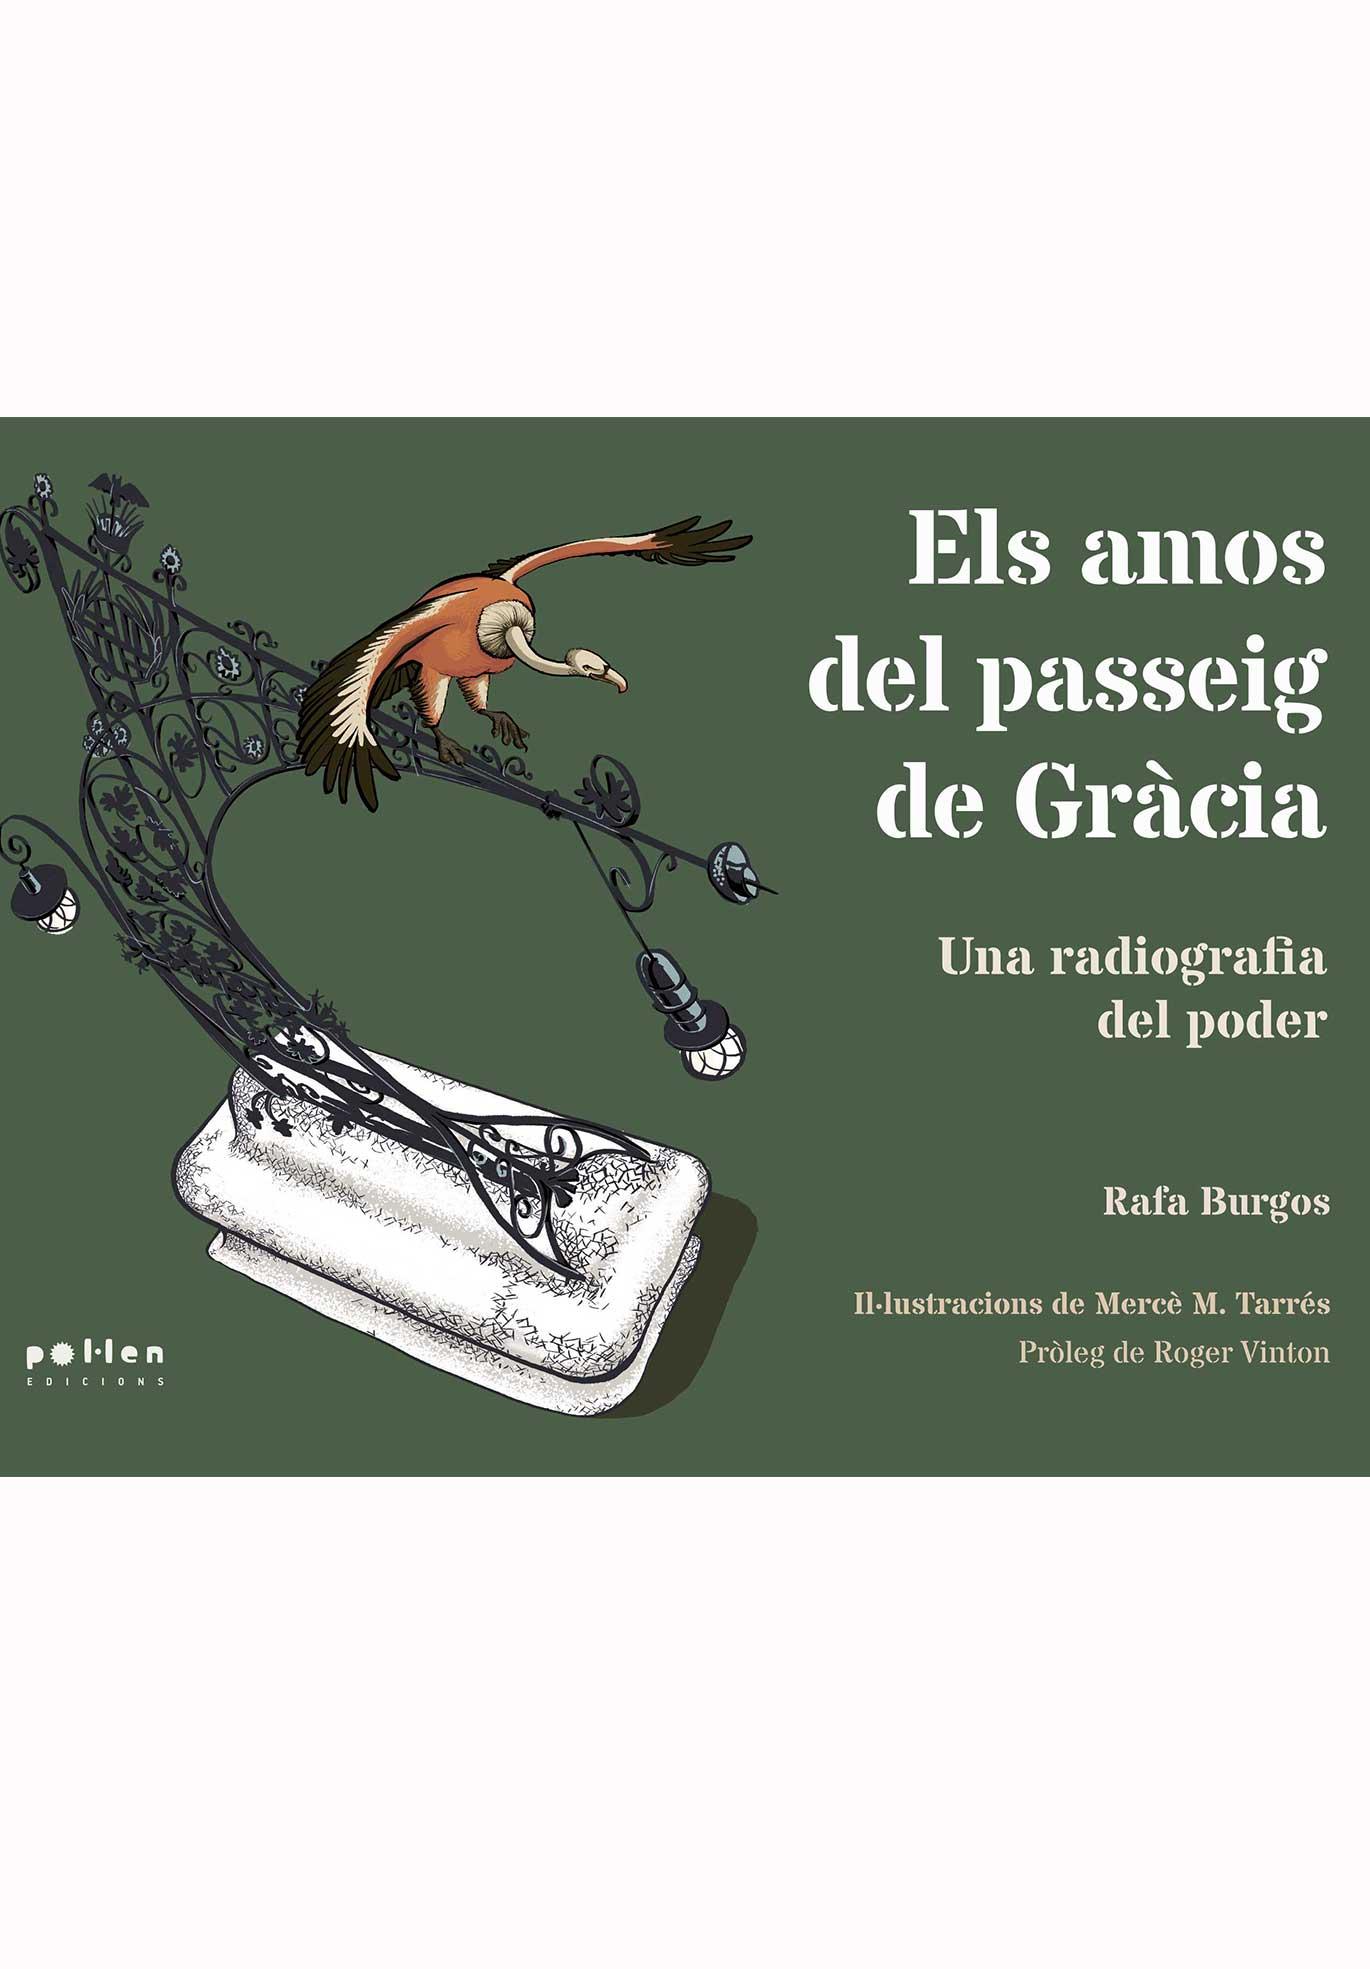 https://pol-len.cat/llibres/els-amos-del-passeig-de-gracia-una-radiografia-del-poder/